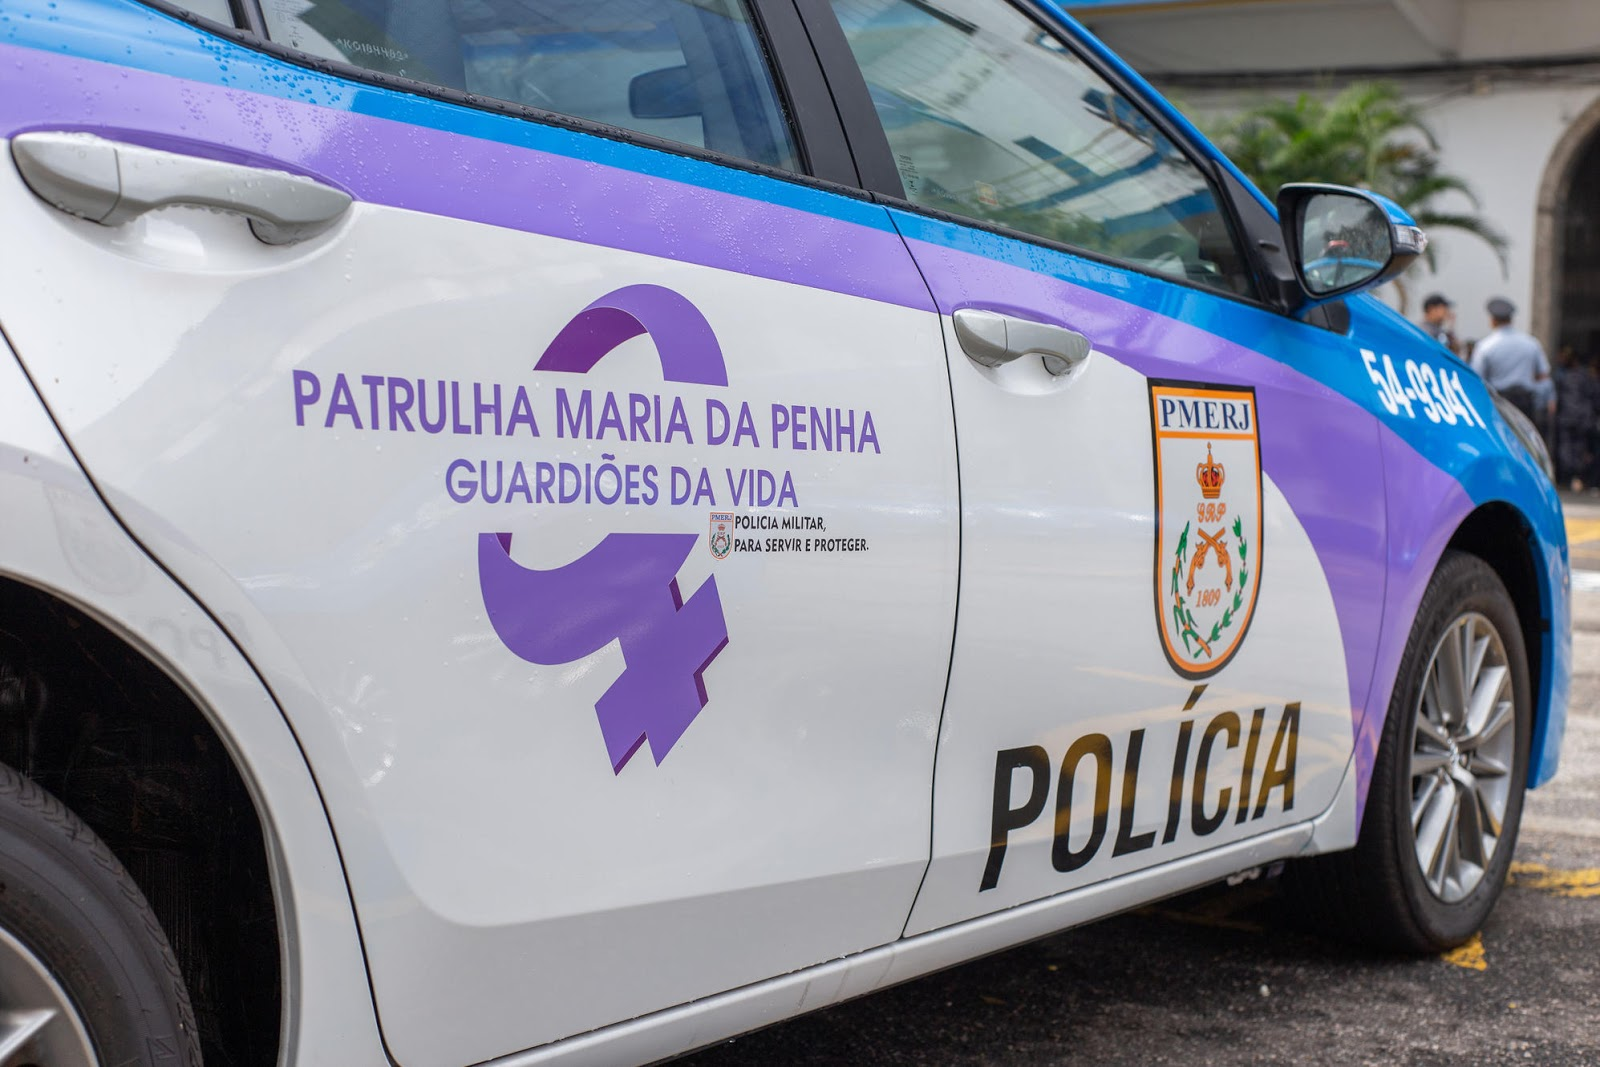 Estão nas ruas do Rio, as patrulhas Maria da Penha